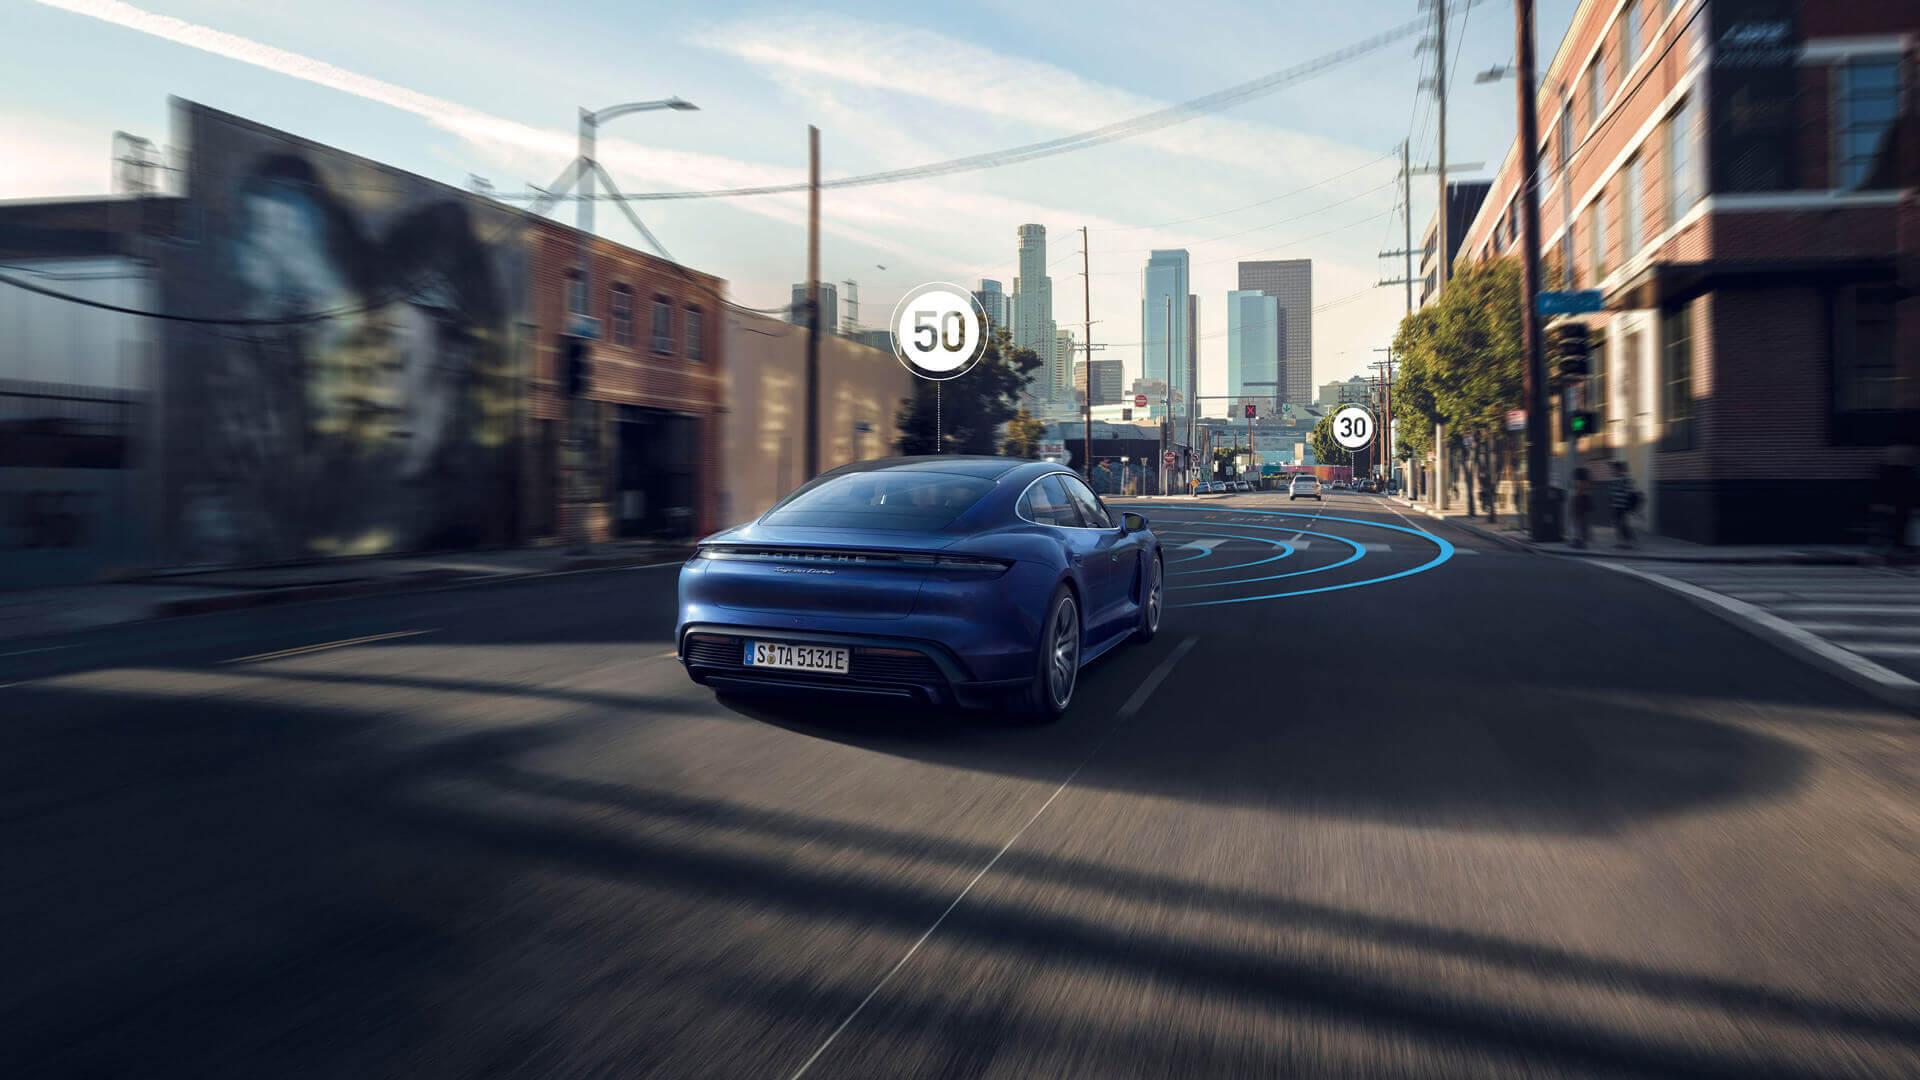 Система InnoDrive самостоятельно регулирует скорость в типичном для спортивного автомобиля стиле с учетом предстоящей ситуации